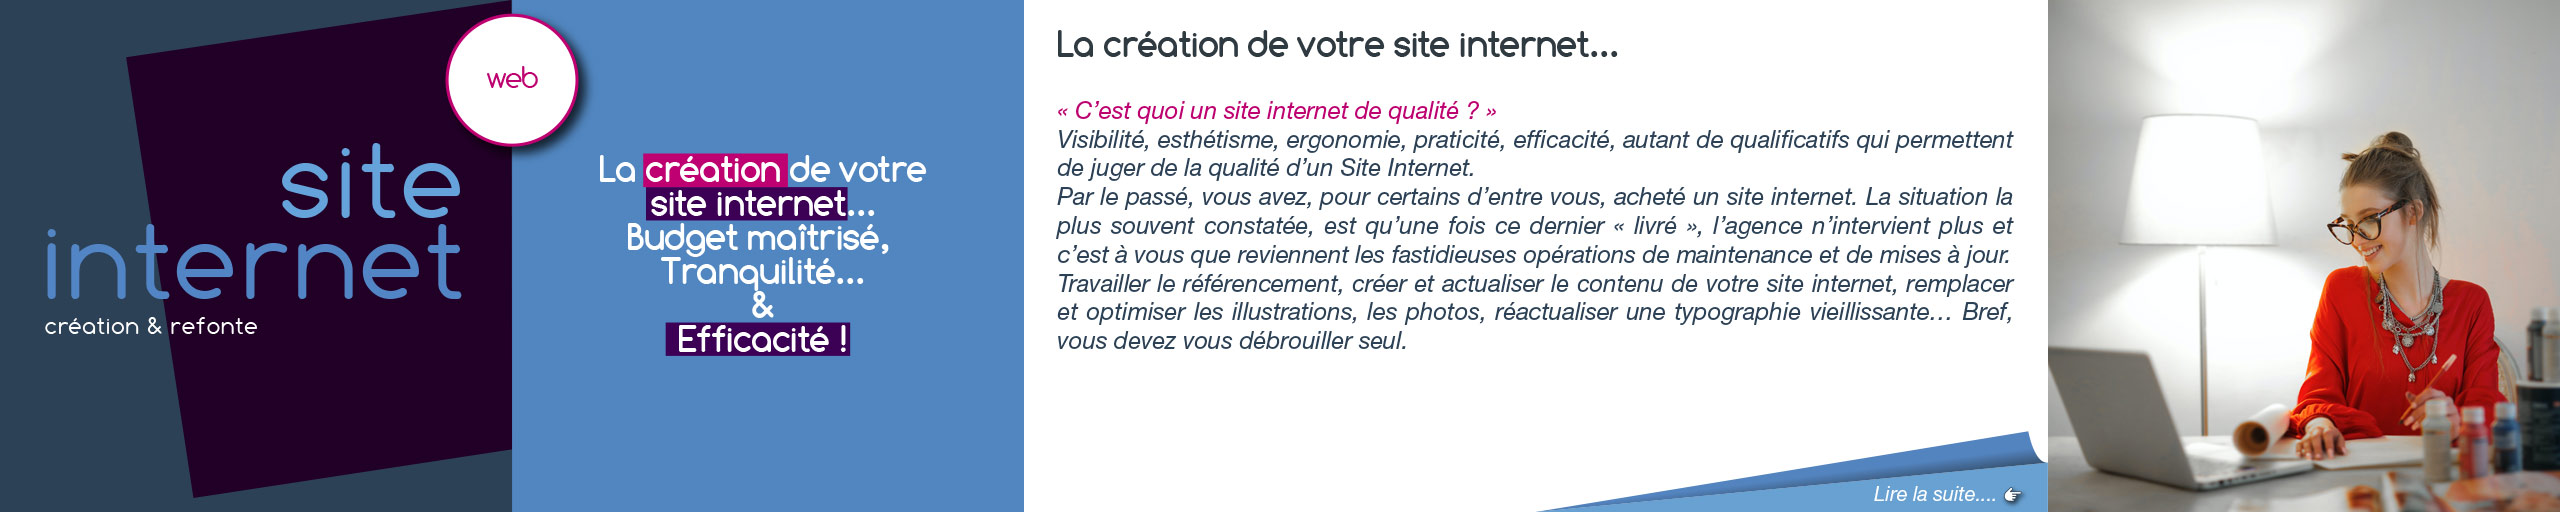 Site Internet - Création